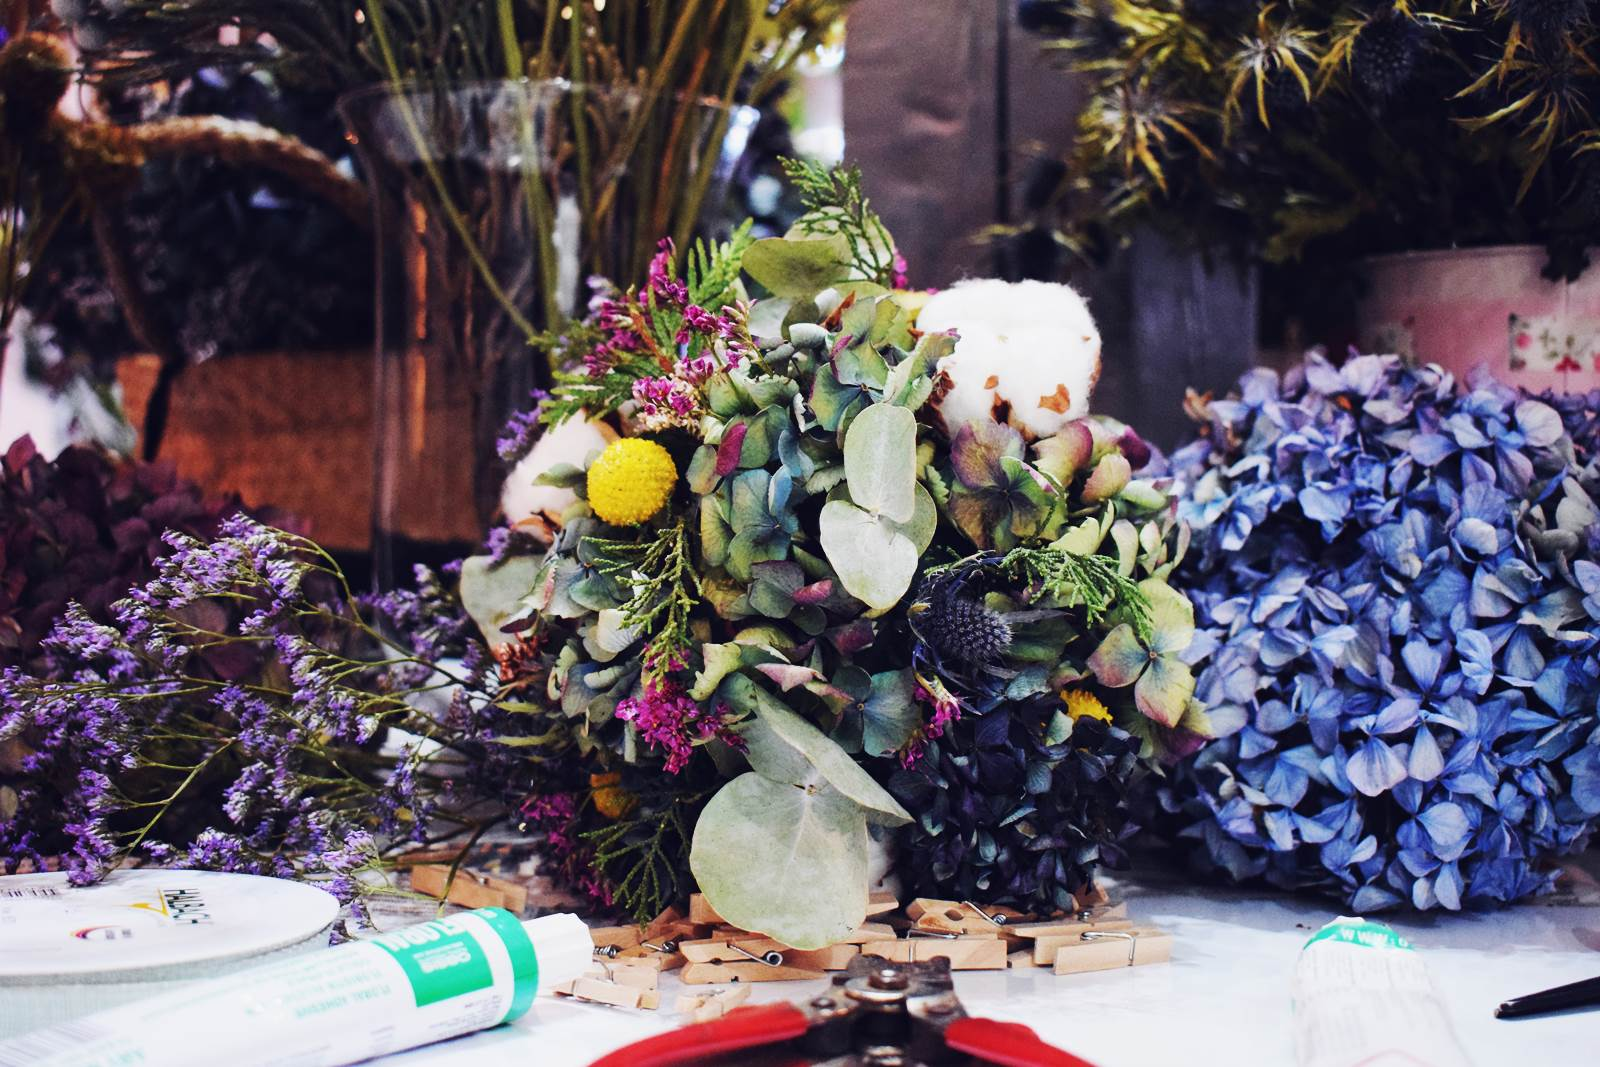 Atelier couronnes fleur photos chateaubriant